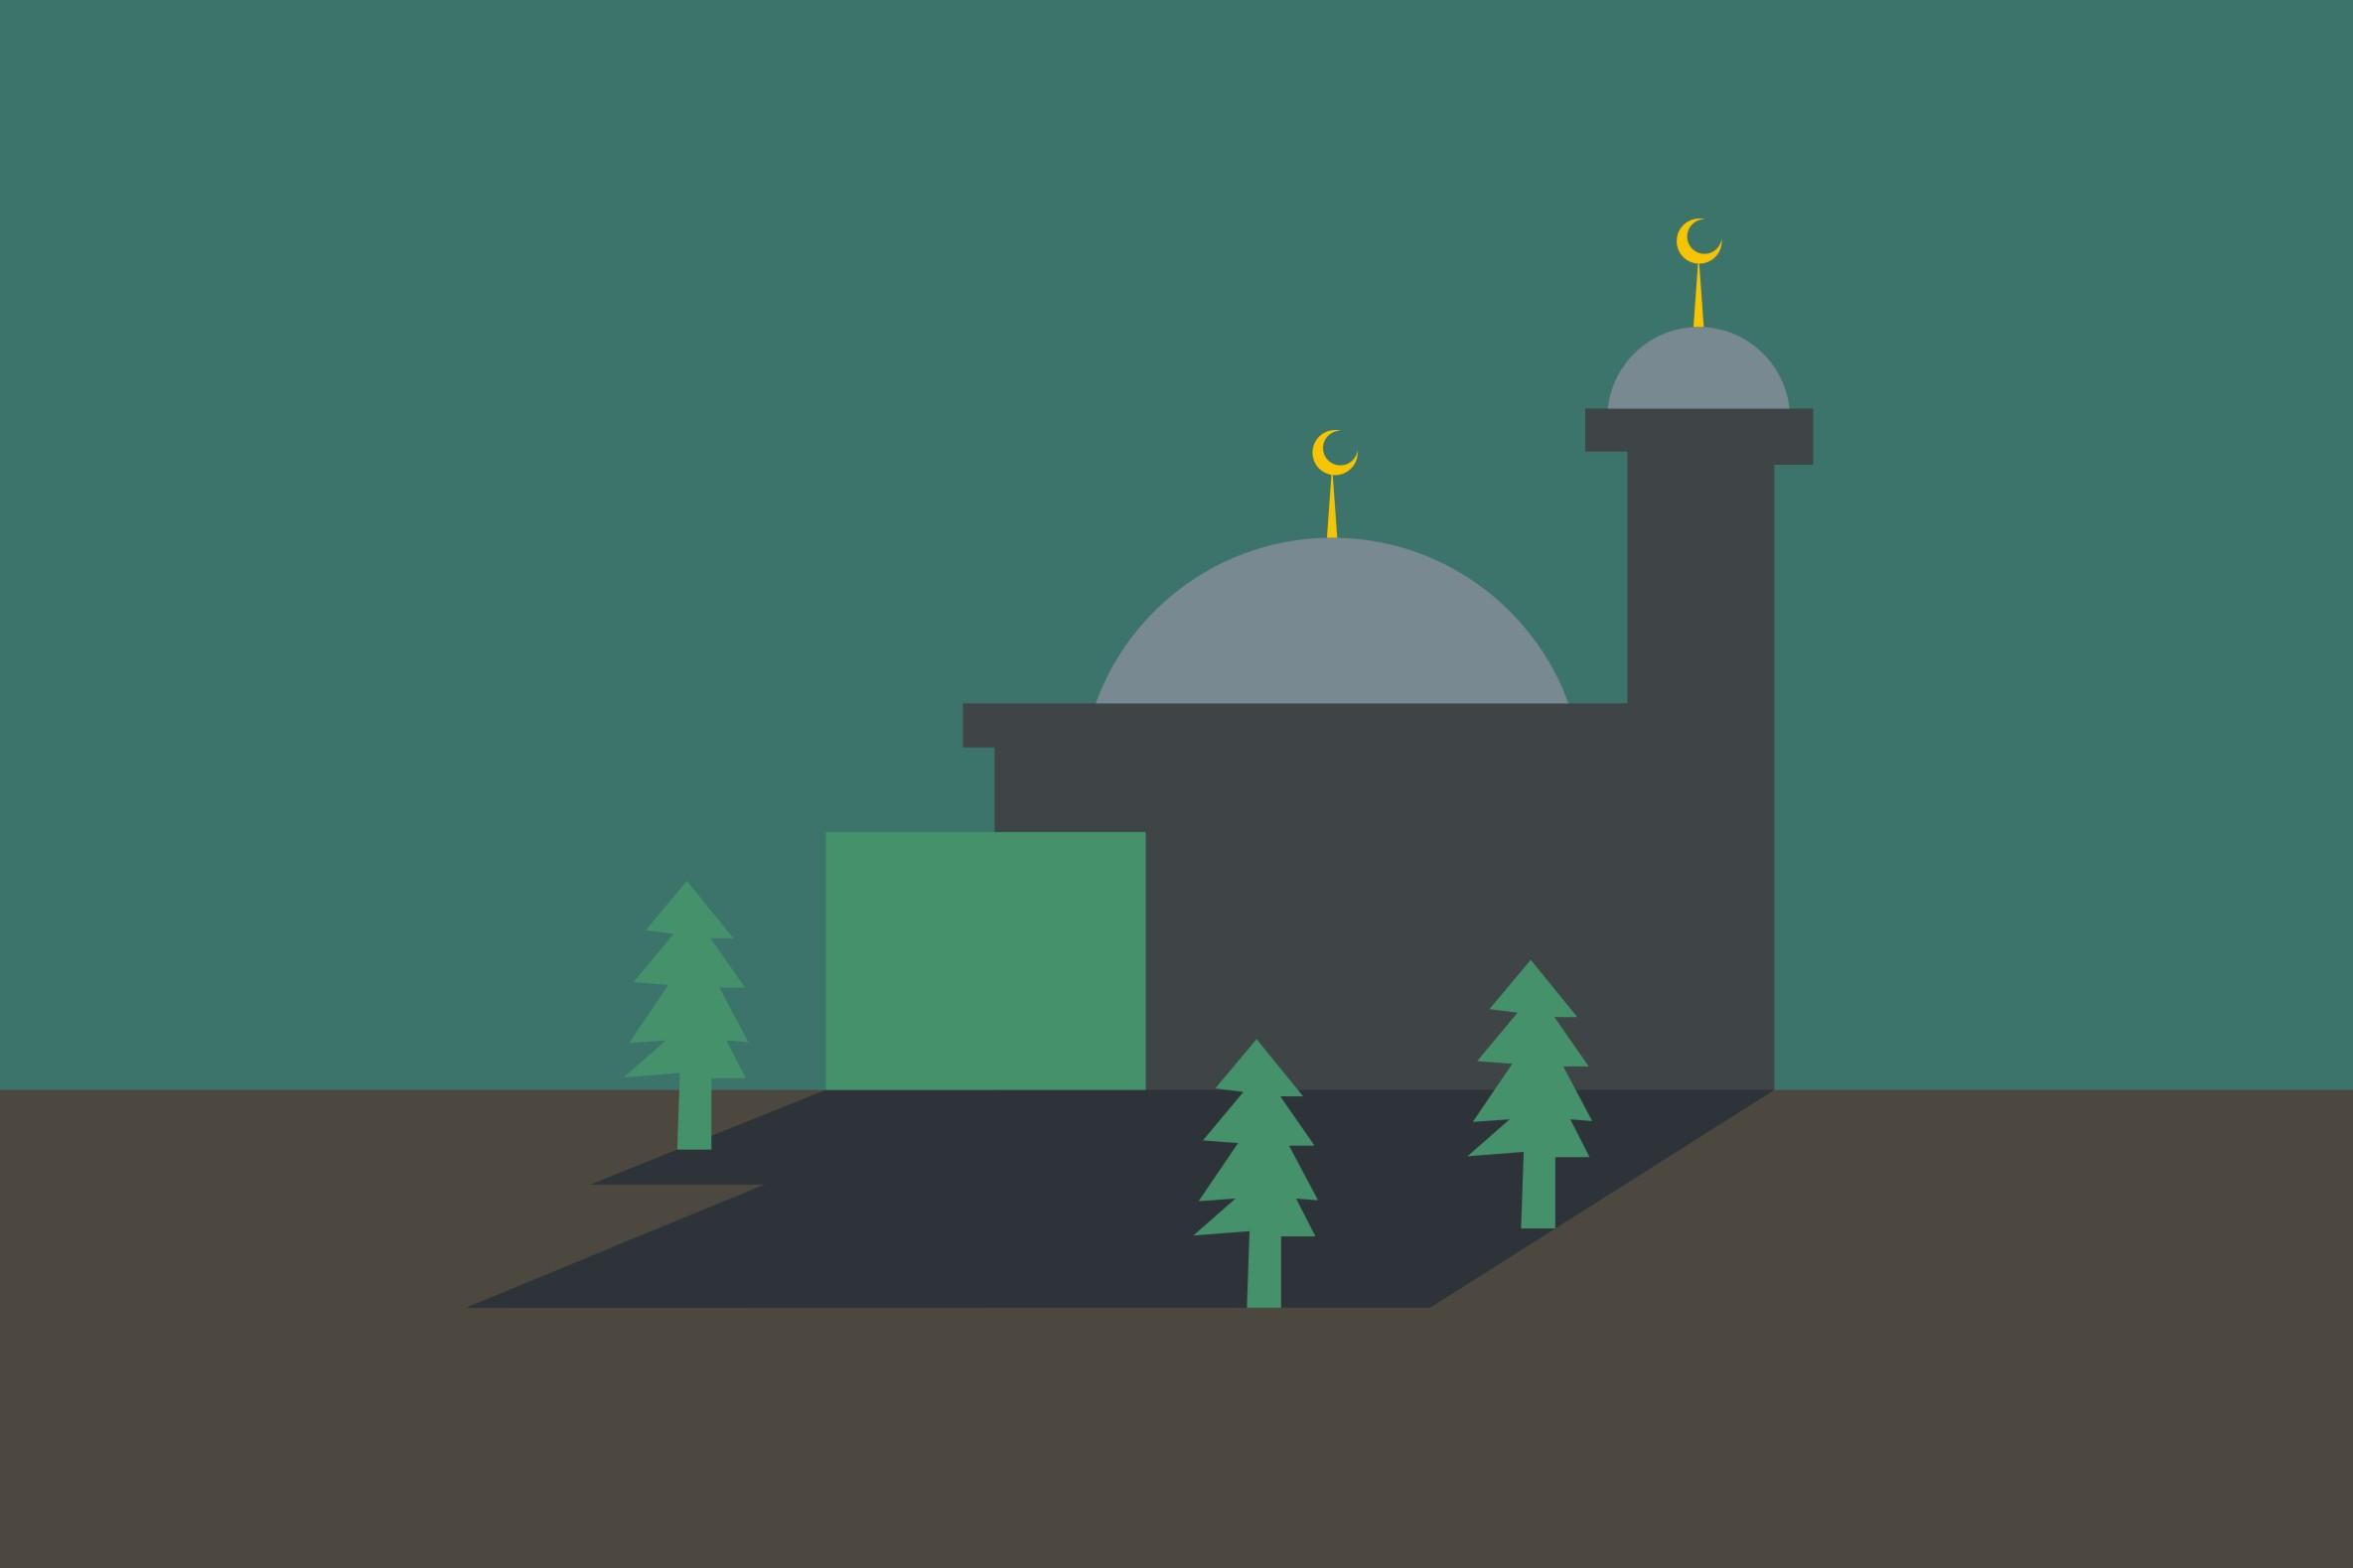 5 Masjid di dunia ini arsitekturnya keren banget, Allahu Akbar!